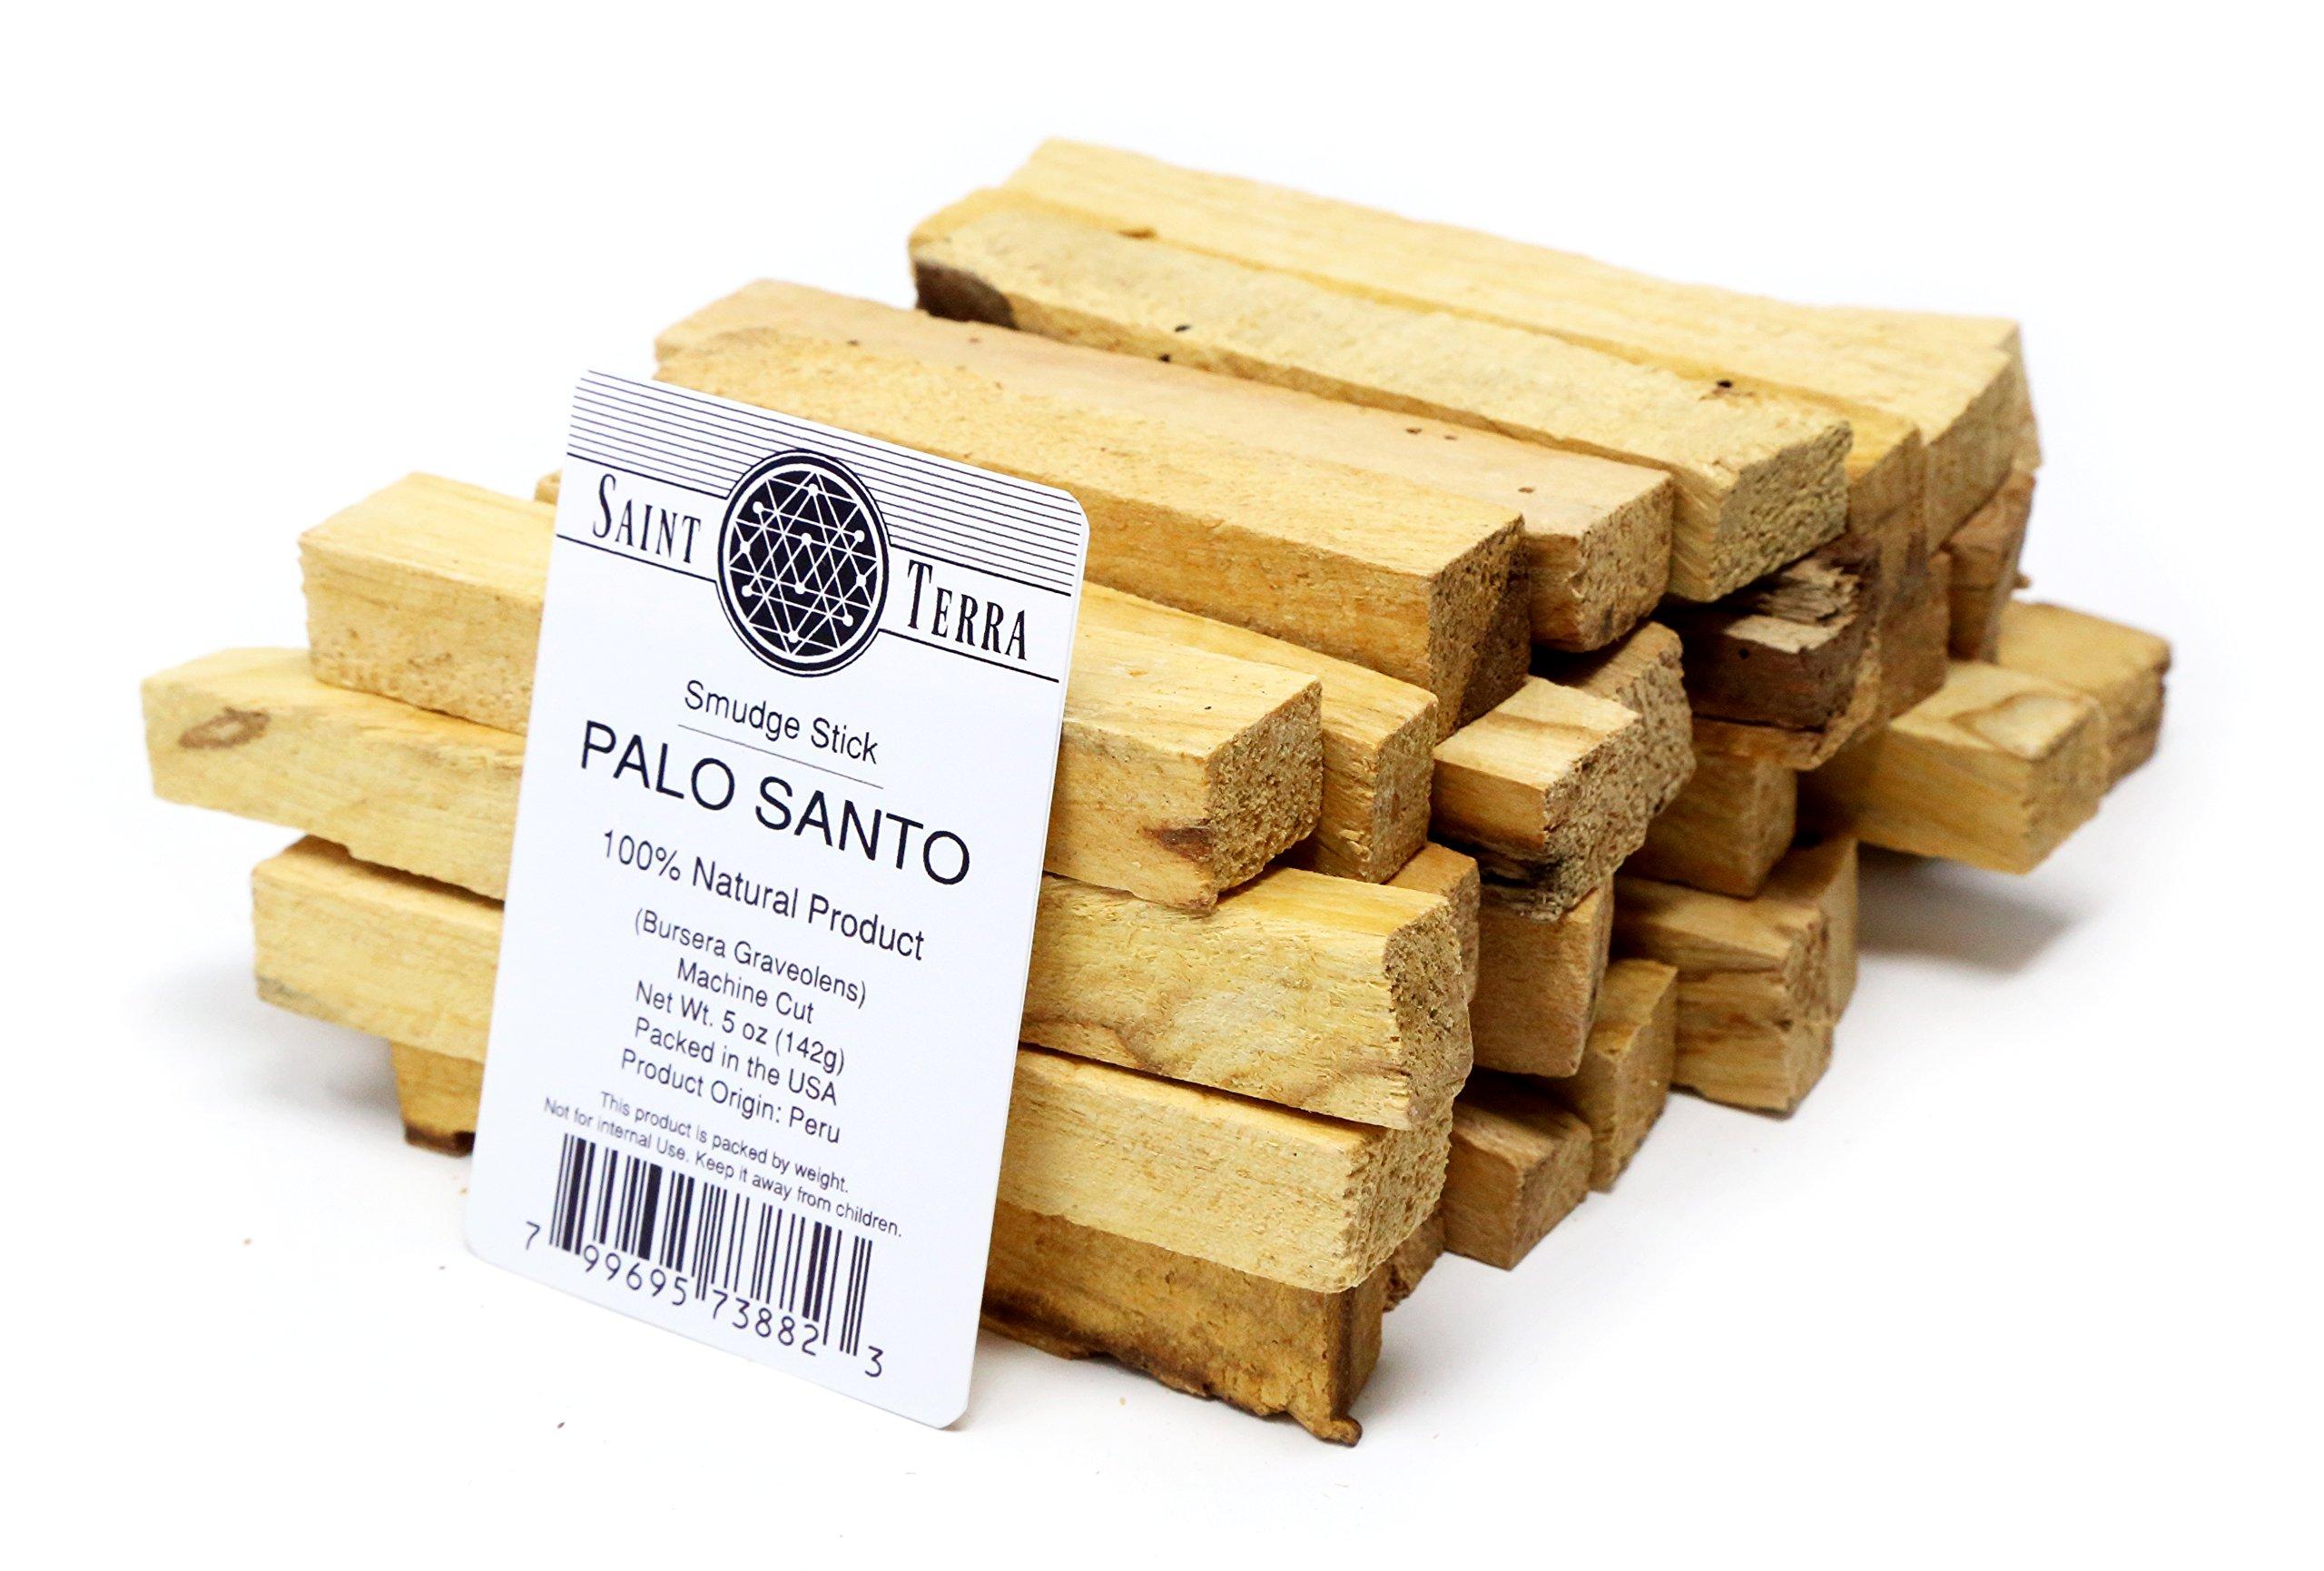 Saint Terra Premium Palo Santo (Holy Wood) 5 oz Pack Machine Cut Smudge Stick - 100% Natural